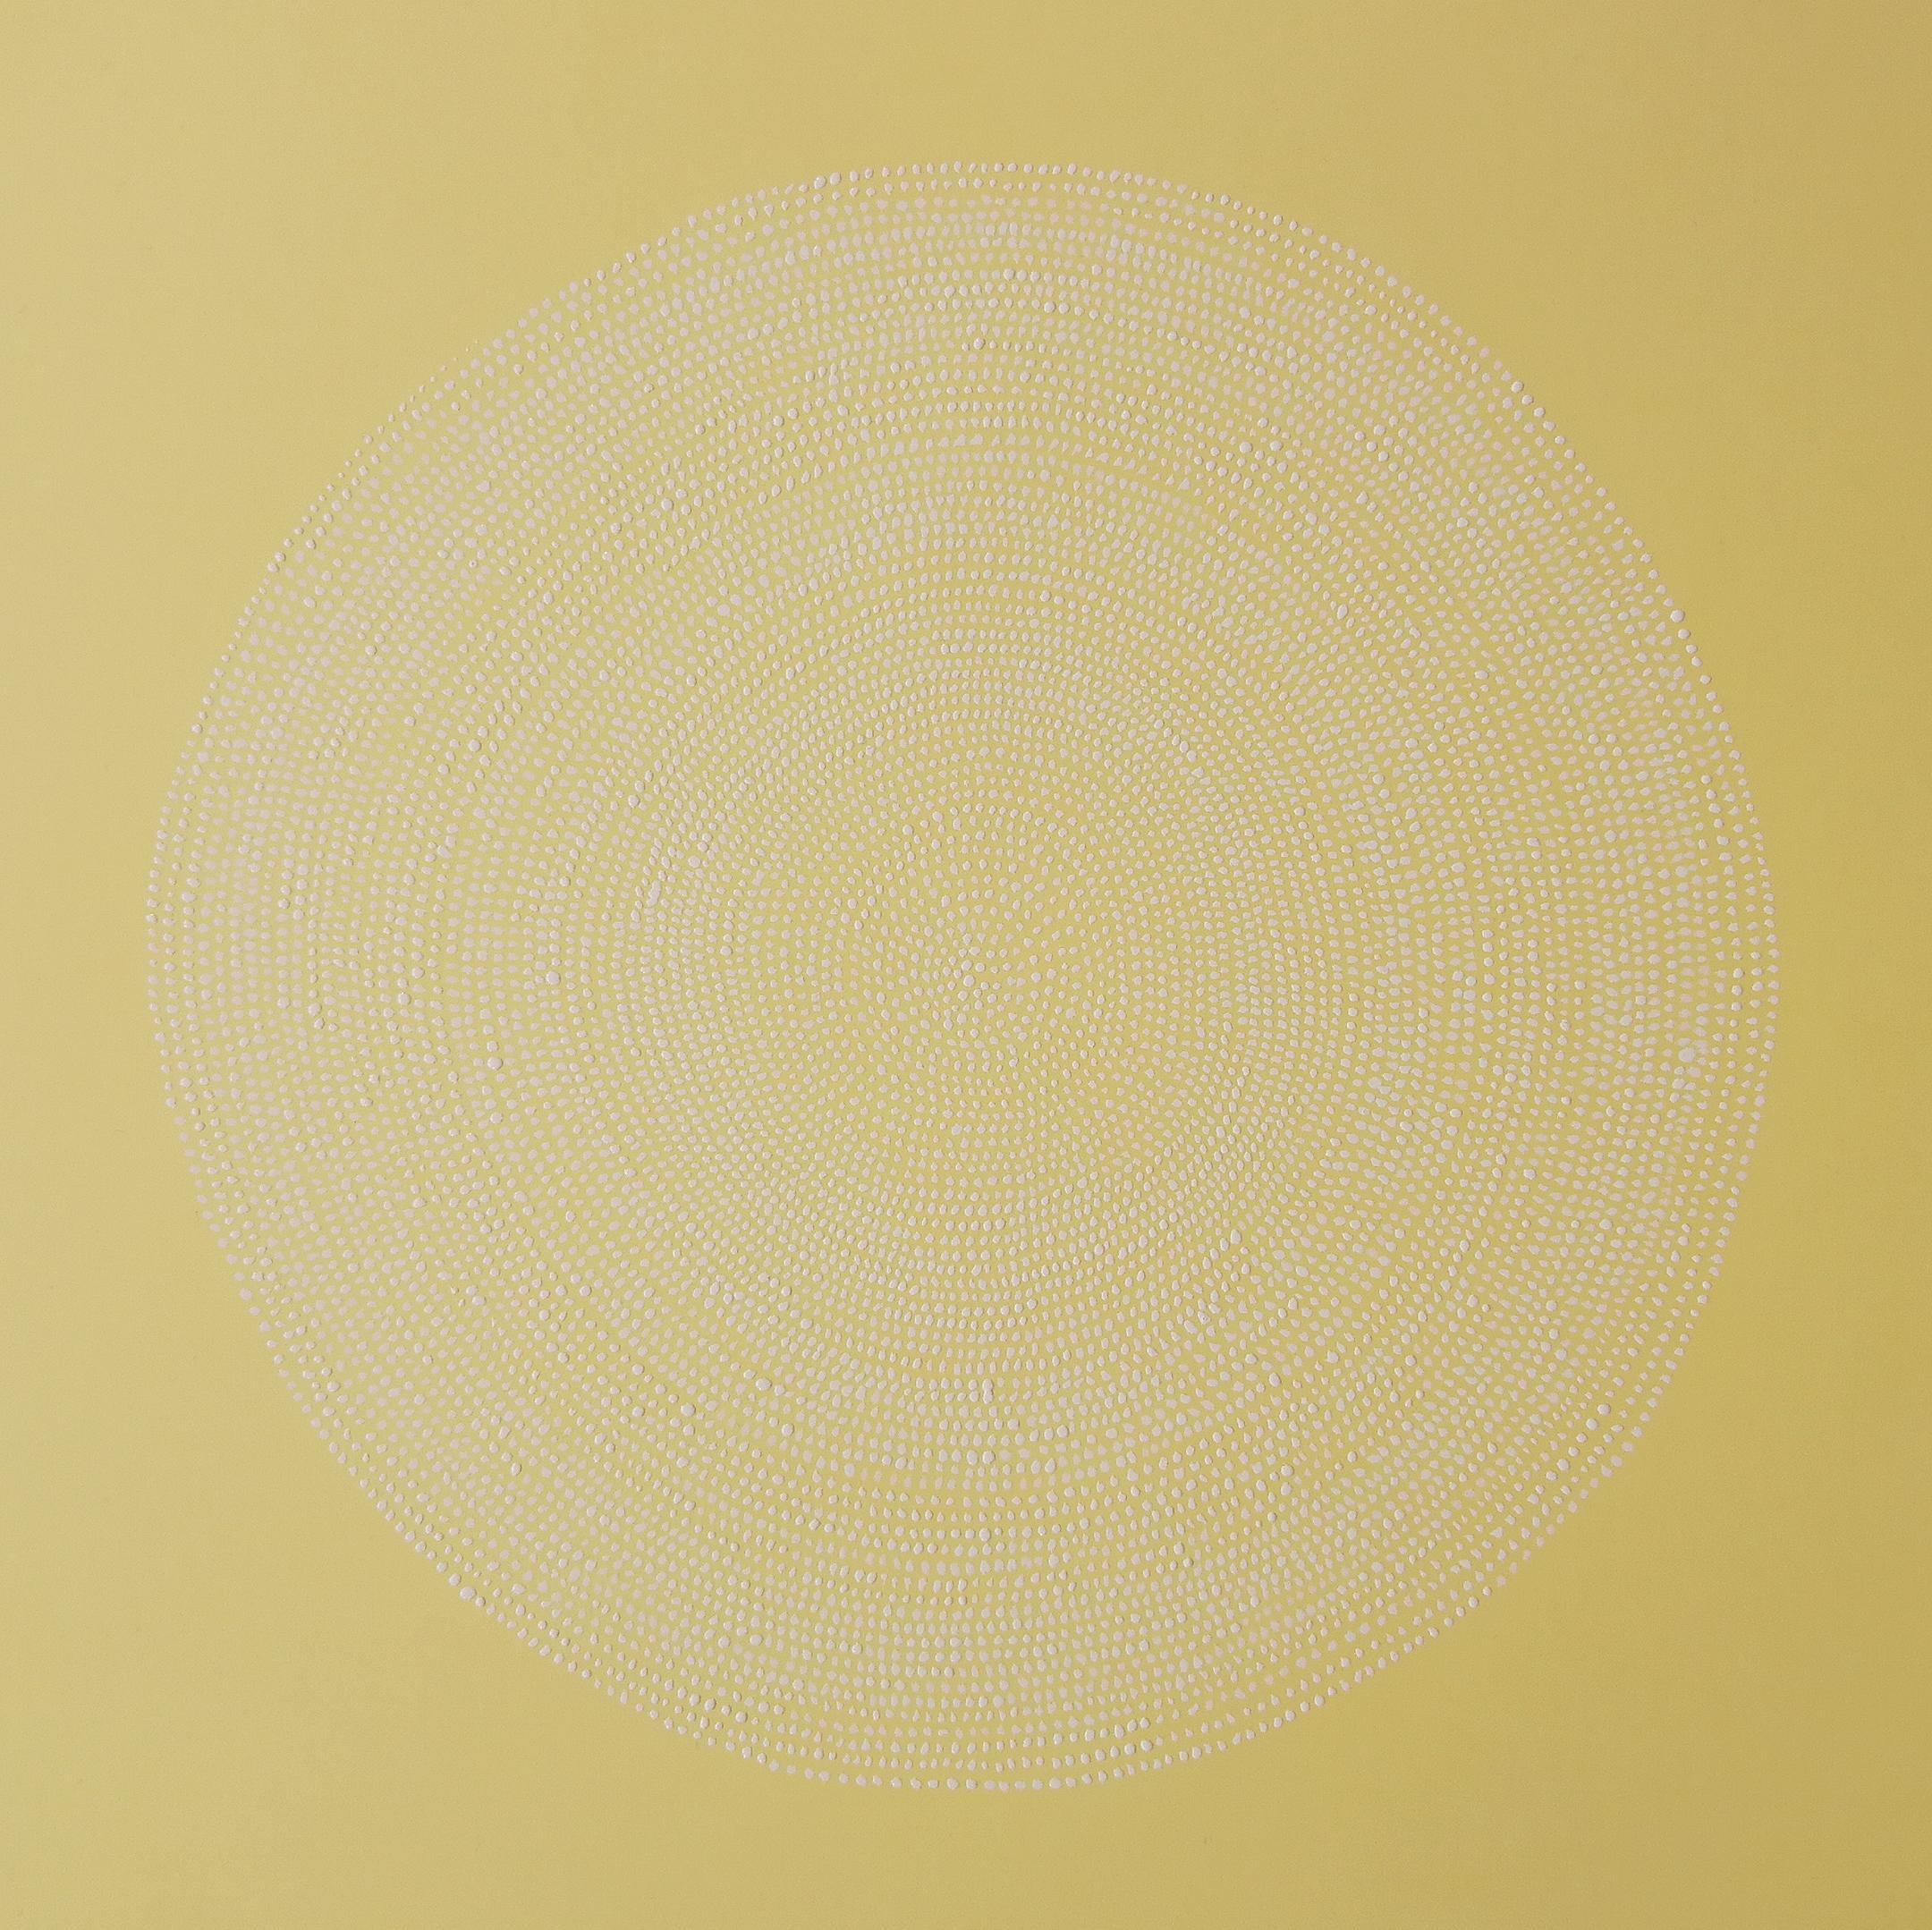 SANS TITRE, encre blanche, 23 x 23 cm, 2